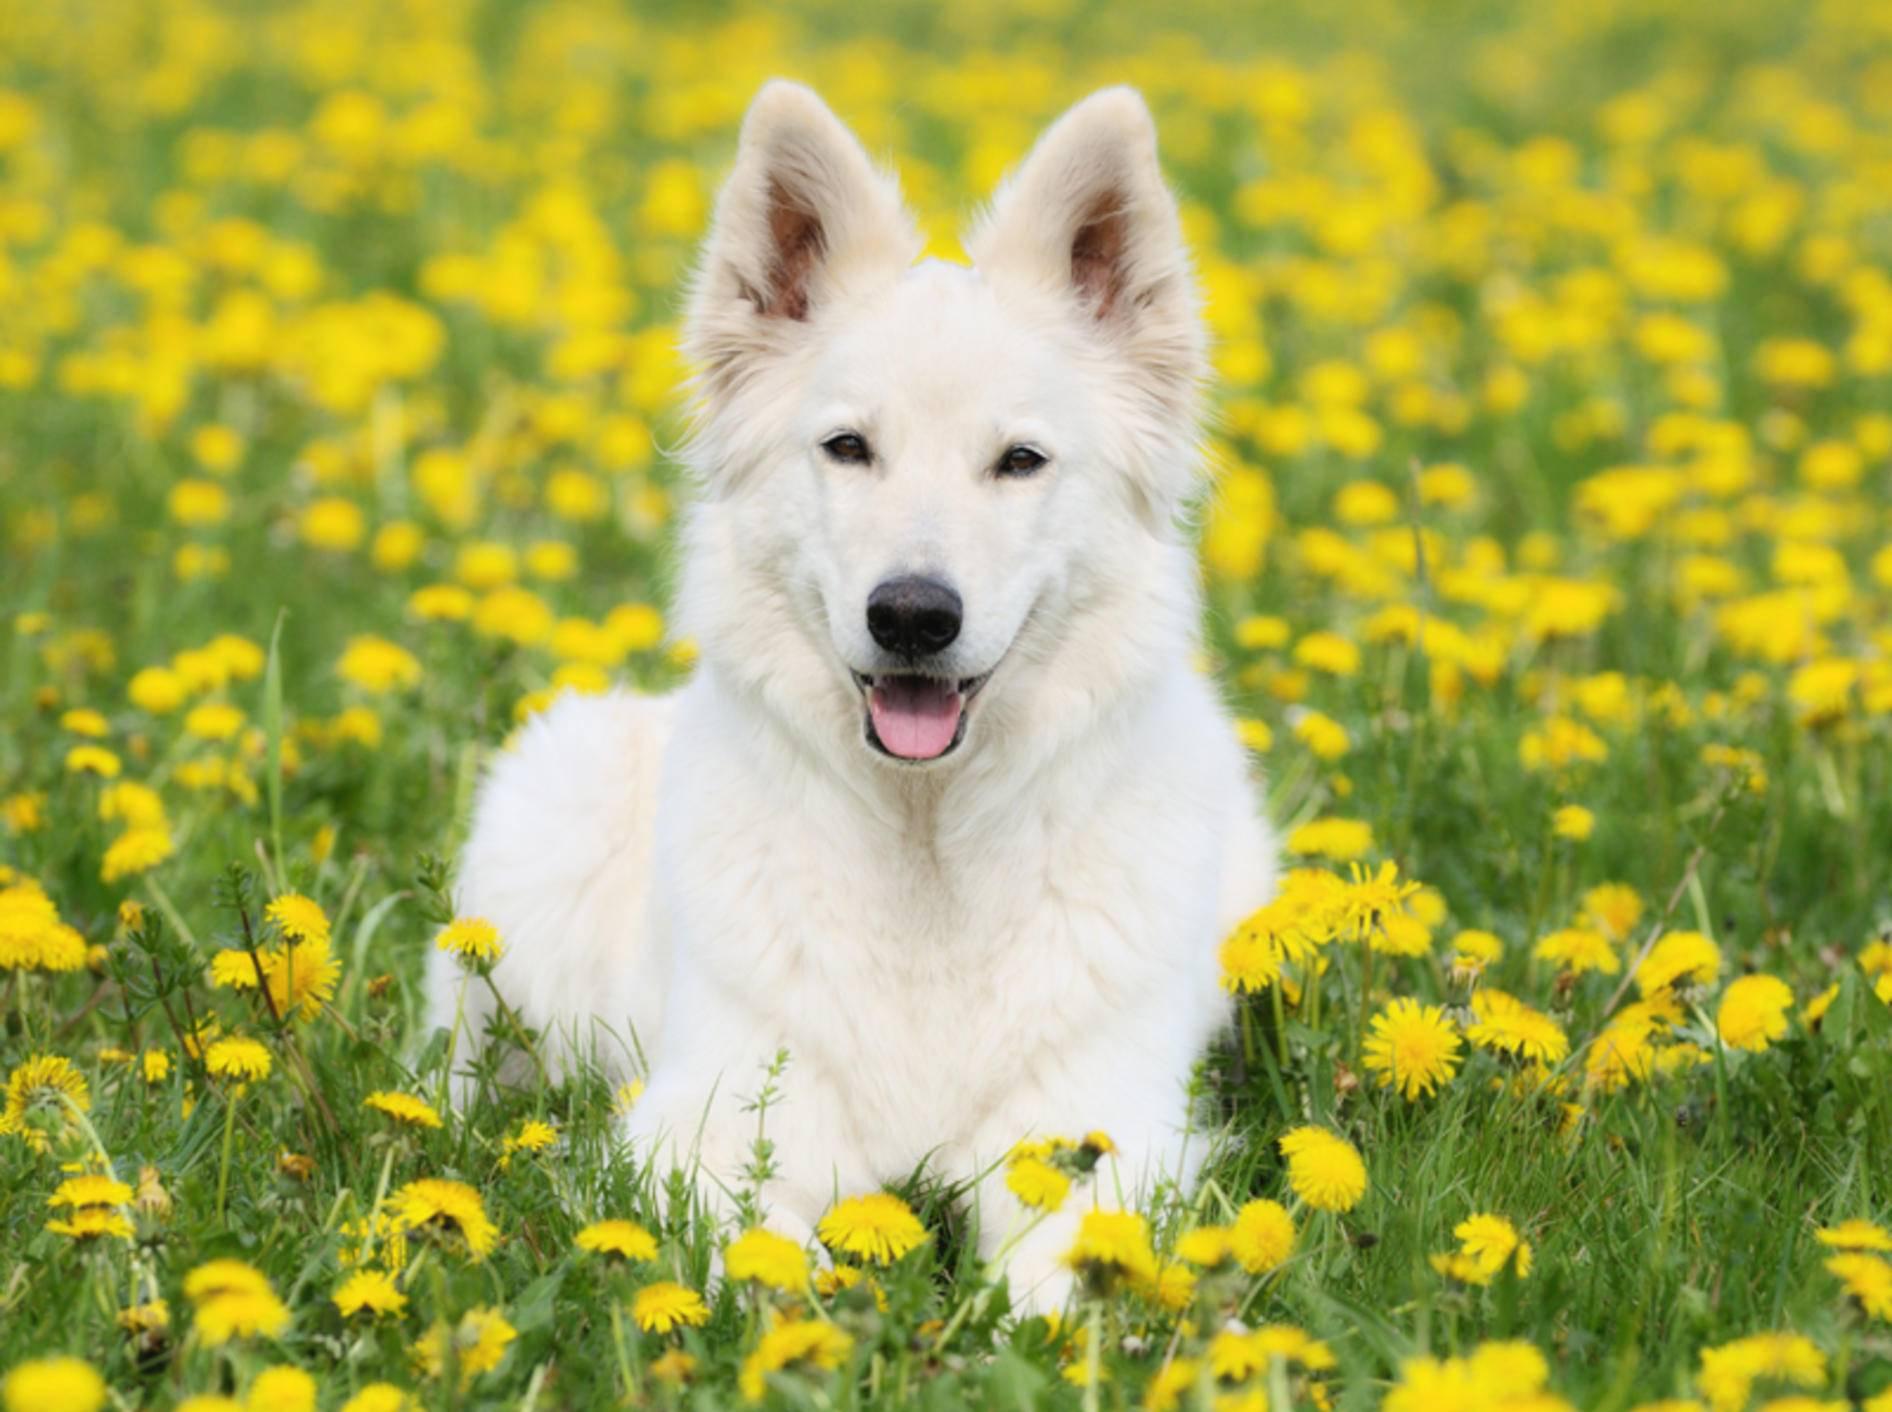 Zum Glück scheint dieser weiße Schäferhund keine Pollenallergie zu haben – Shutterstock / anetapics